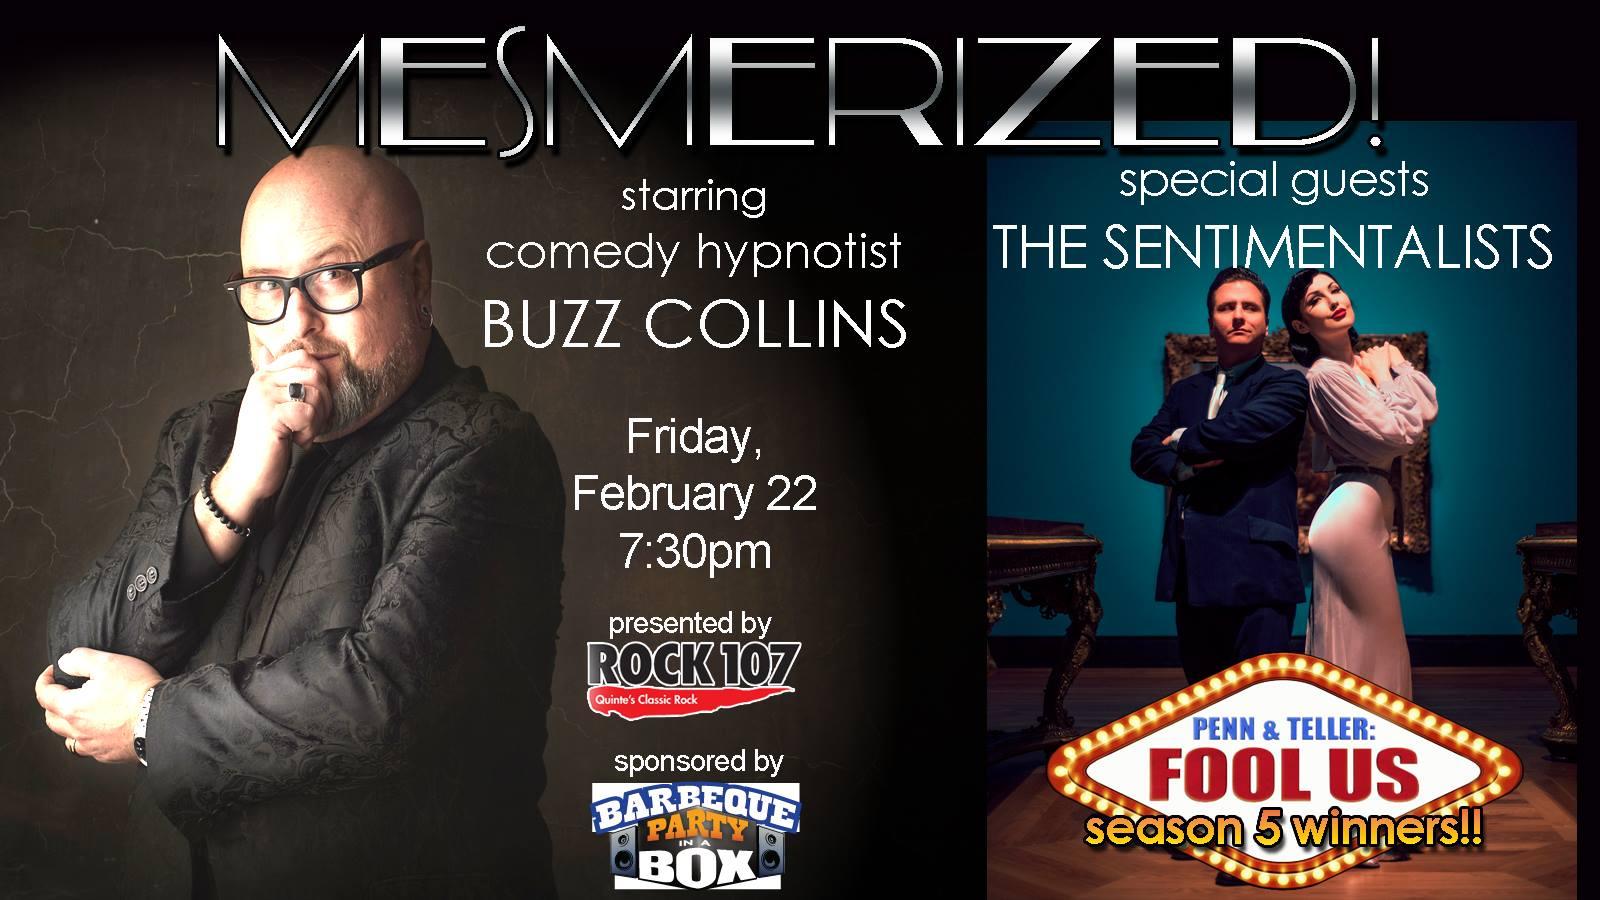 buzz collins mesmerized hypnosis show